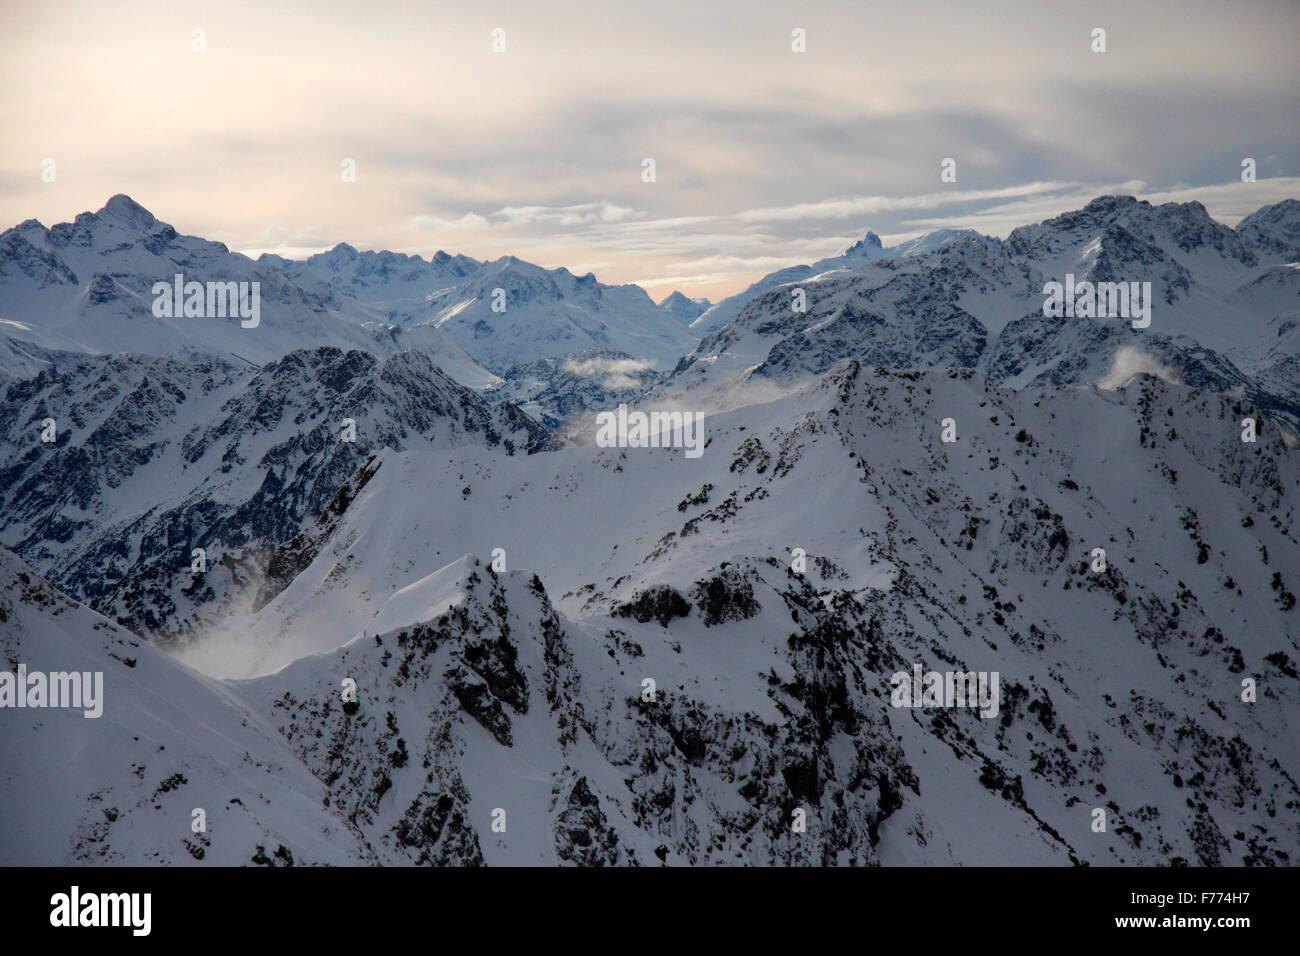 auf dem Nebelhorn, Winterstimmung, Oberstorf, Bayerische Alpen. - Stock Image